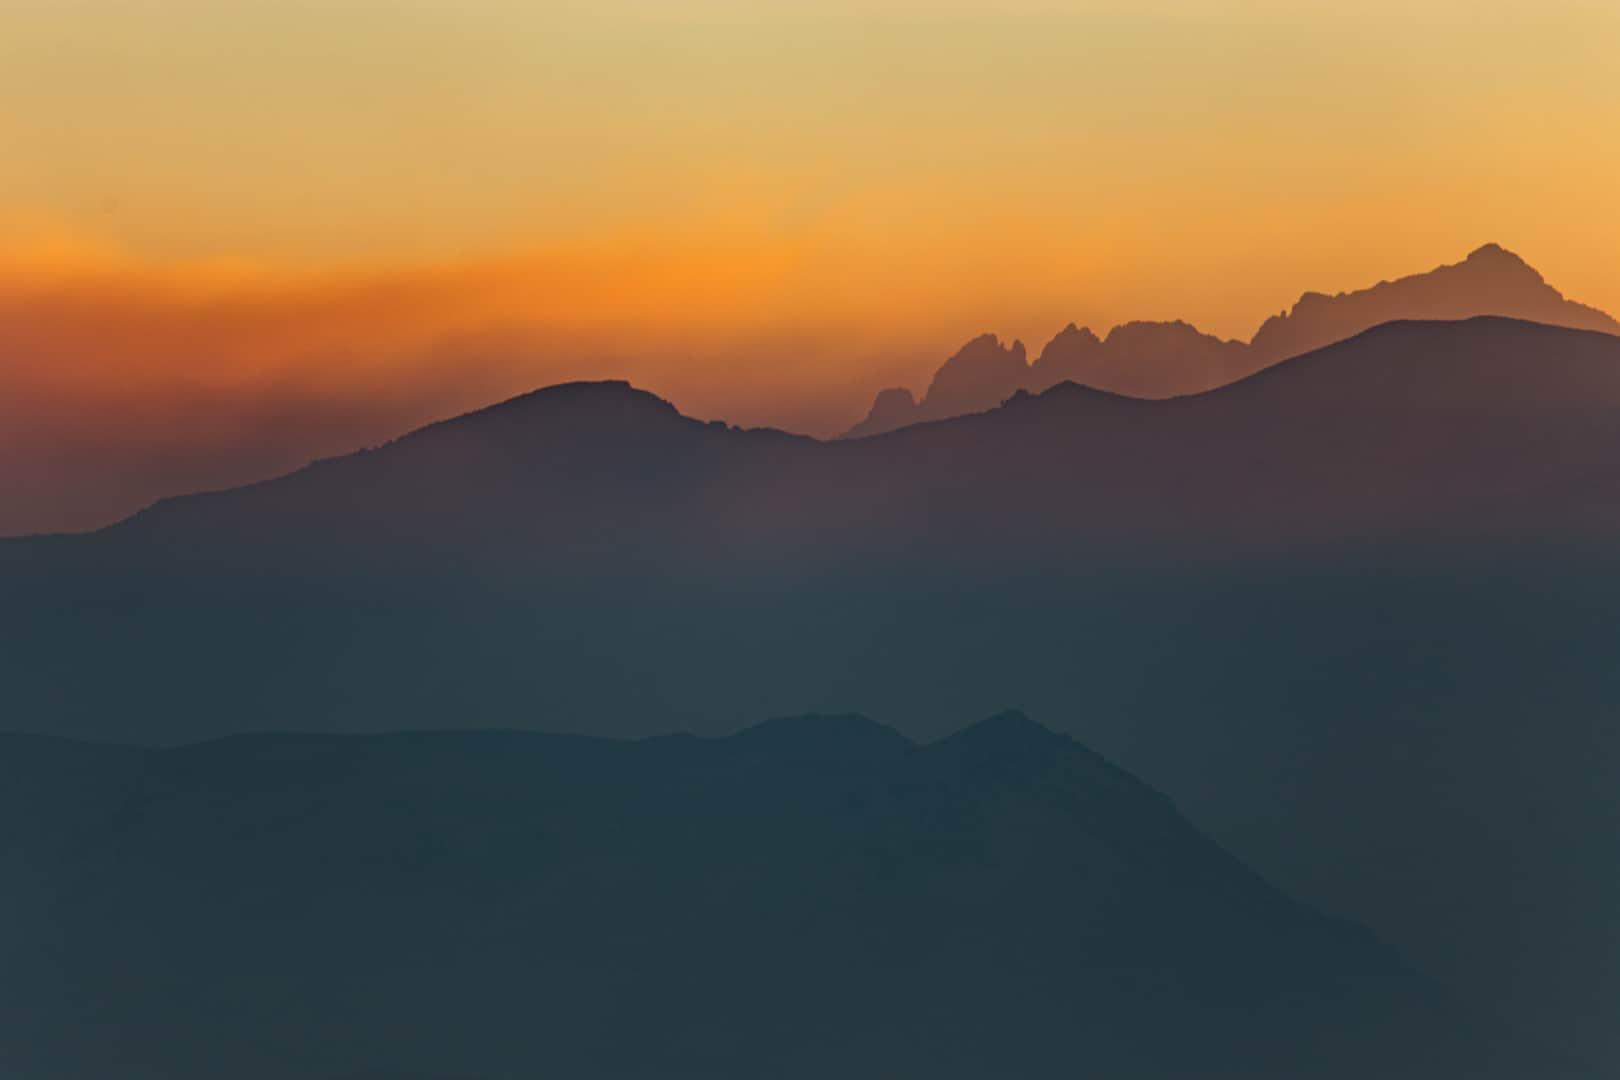 Sierra Crest Smoke, Ritter Range, Eastern Sierra, August 2018